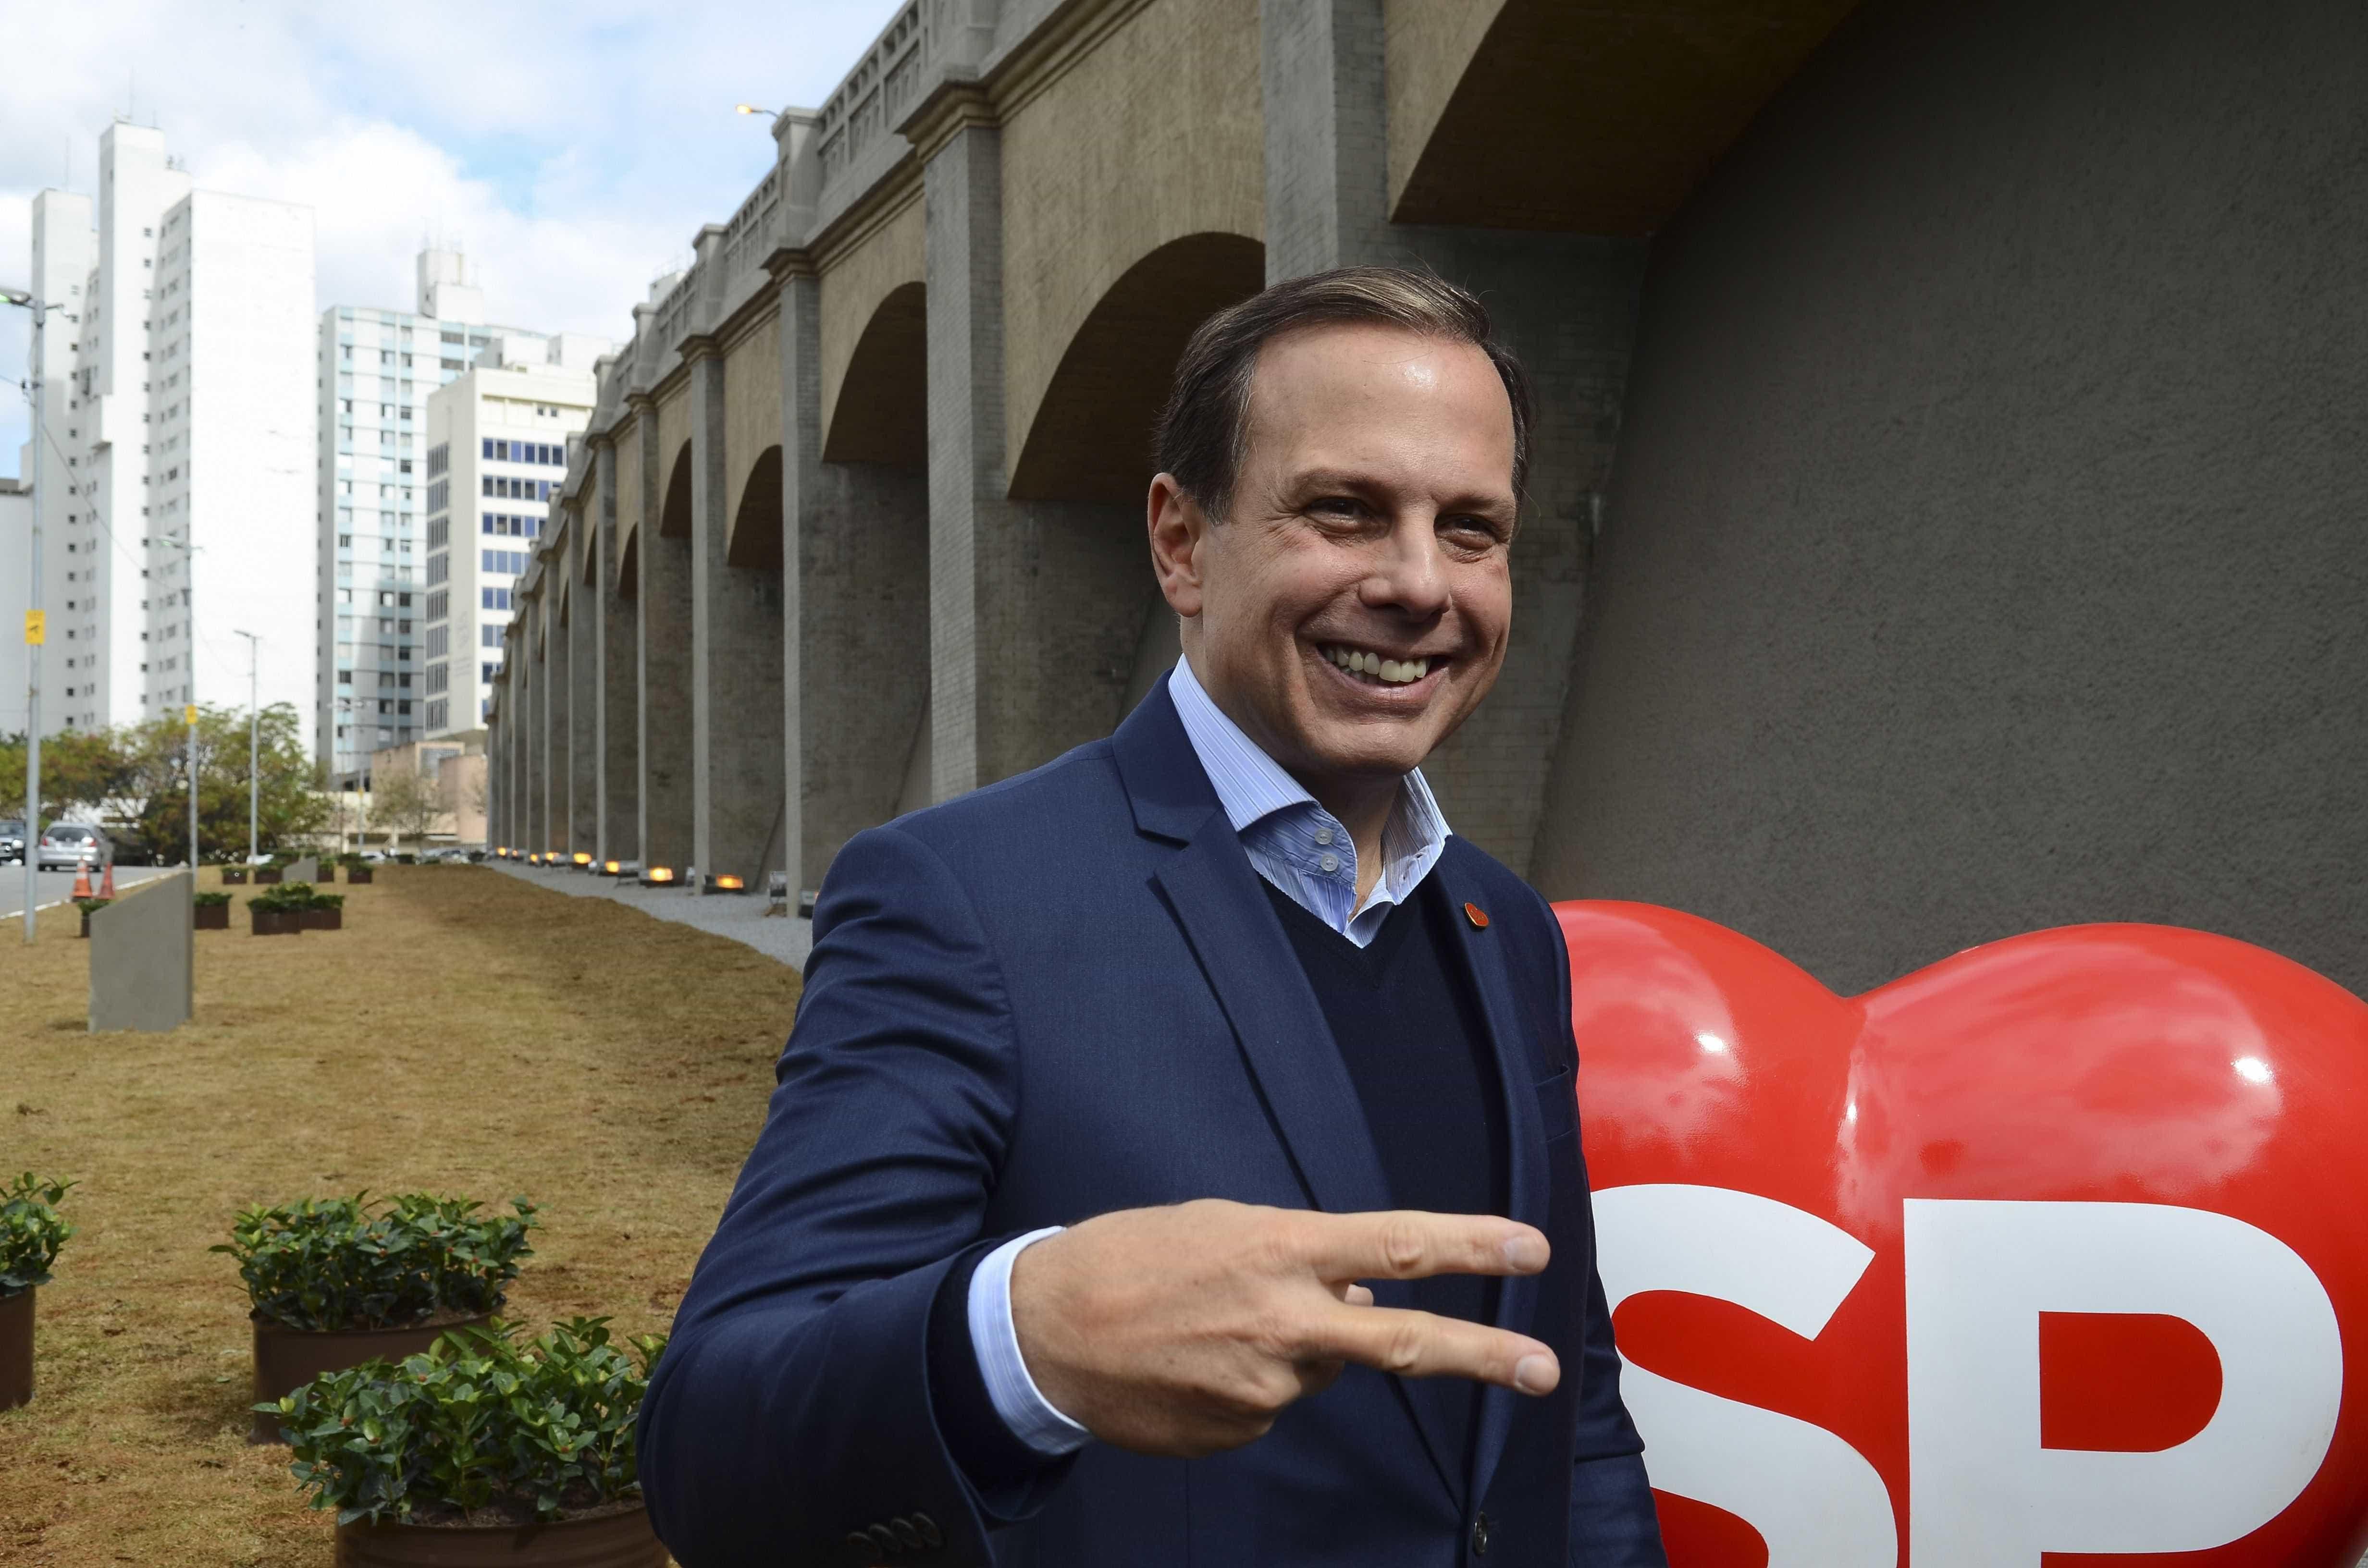 Equipe de Doria anuncia posse enxuta e corte de cargos em SP